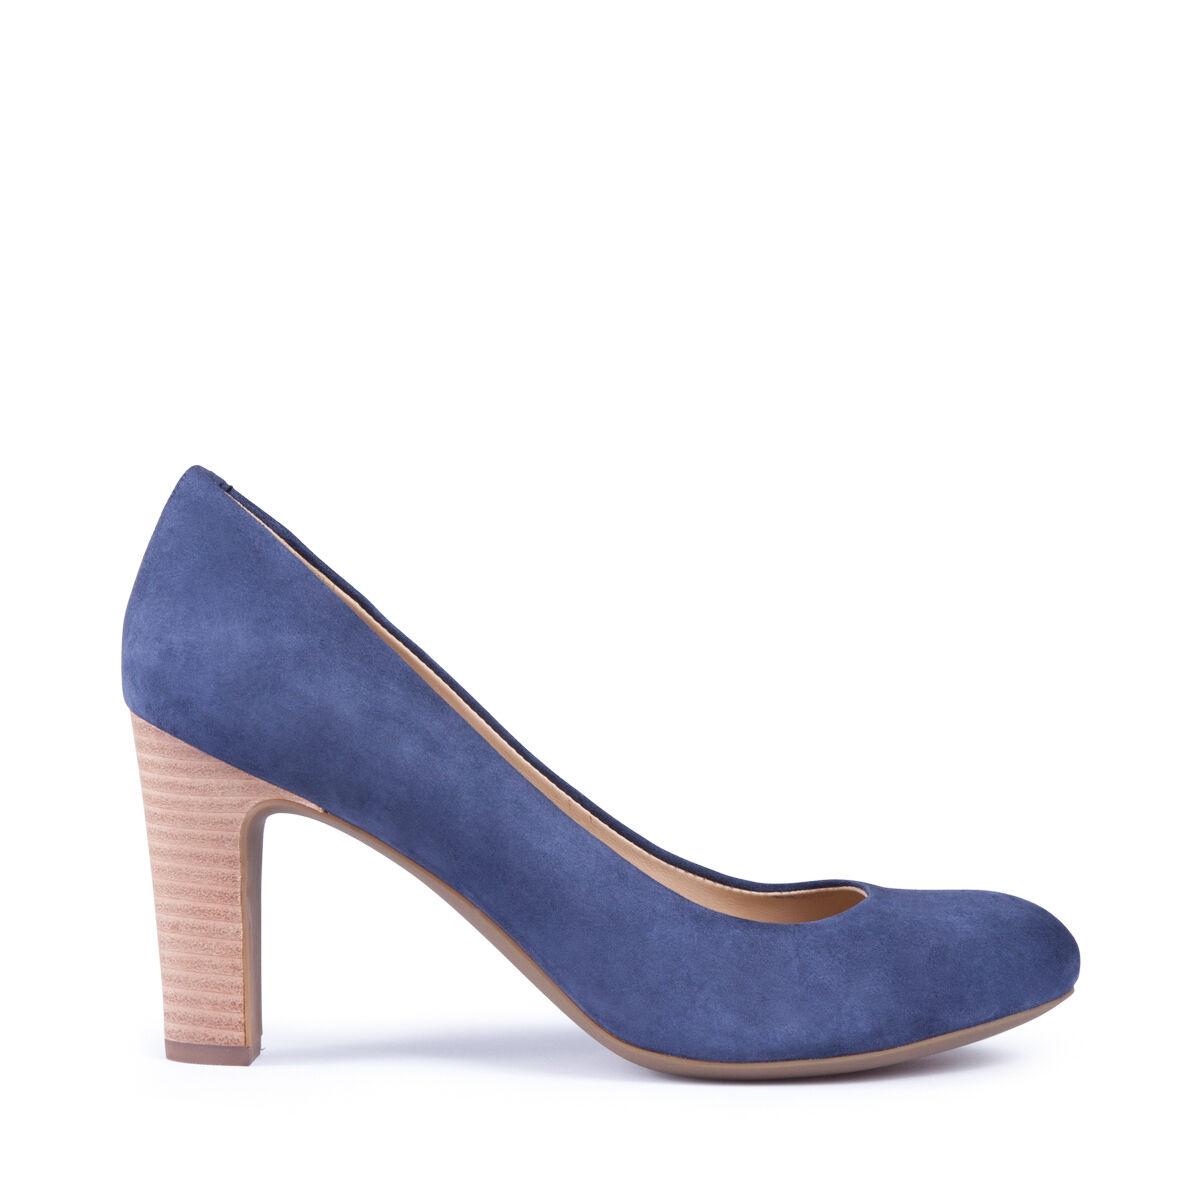 GEOX shoes women DECOLLETE' LINEA MARIELE CAMOSCIO blue